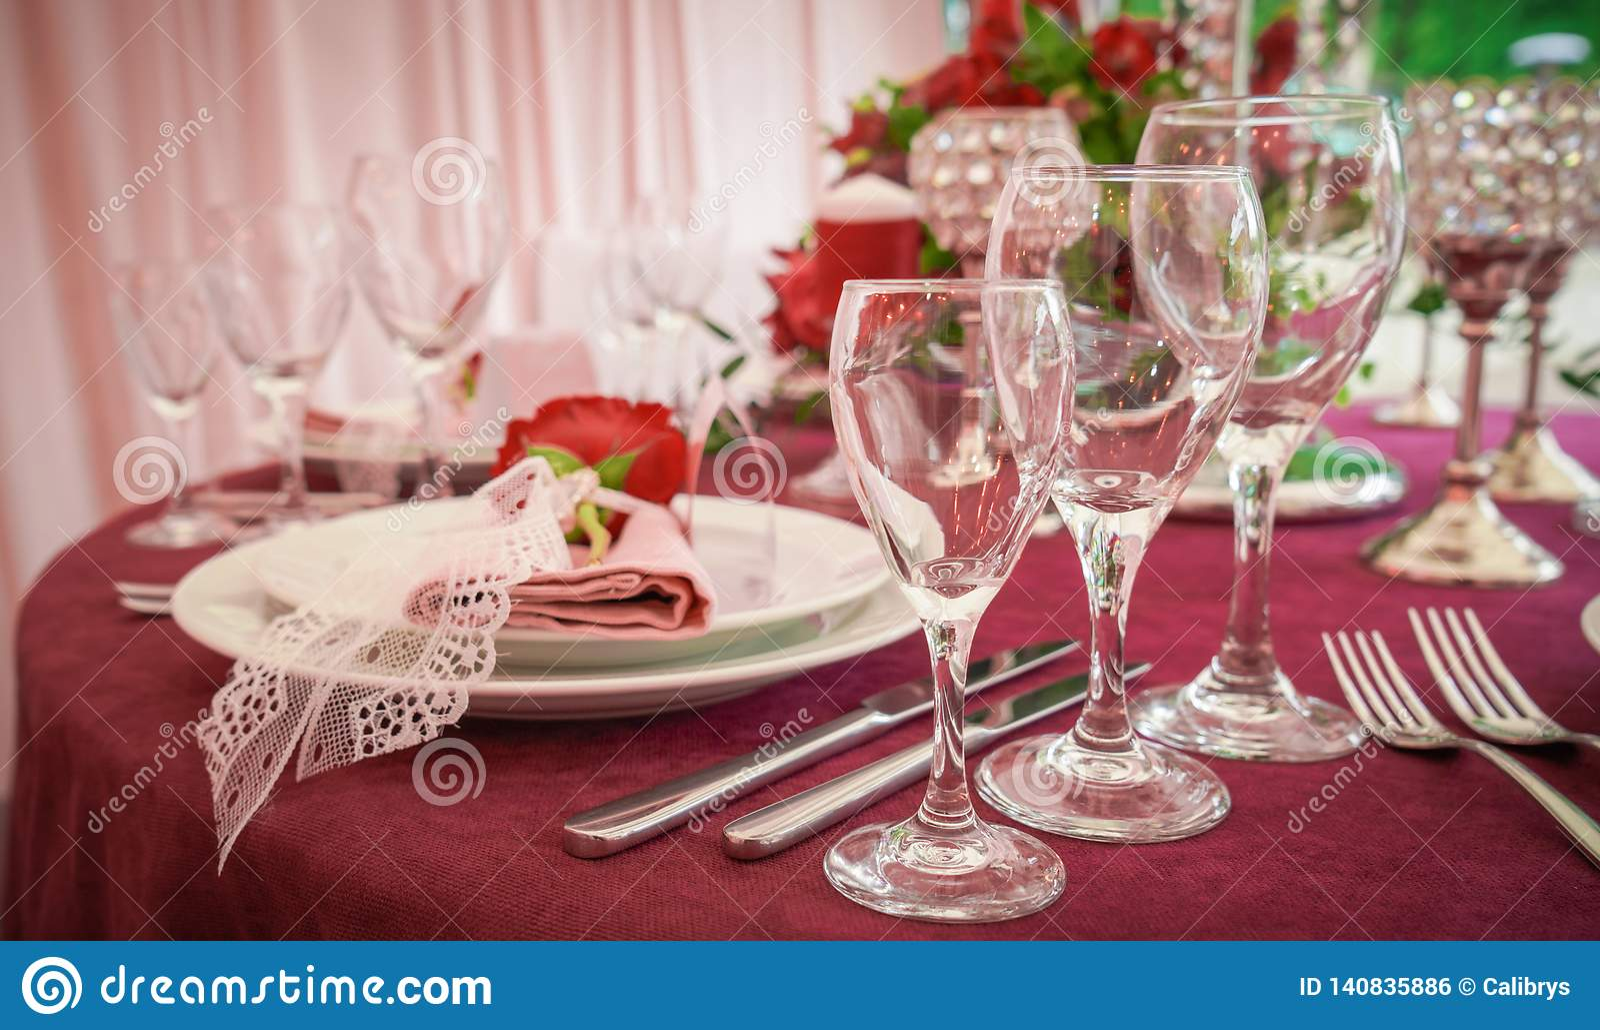 Εορταστική επιτραπέζια διακόσμηση με τα κόκκινα λουλούδια